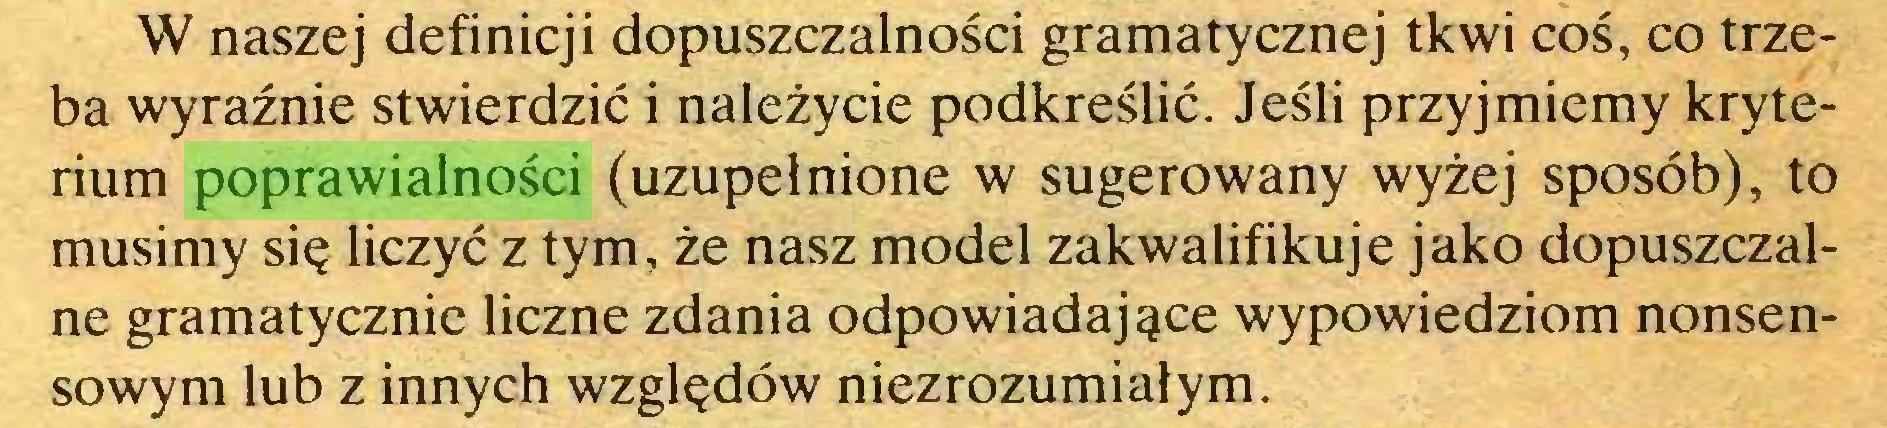 (...) W naszej definicji dopuszczalności gramatycznej tkwi coś, co trzeba wyraźnie stwierdzić i należycie podkreślić. Jeśli przyjmiemy kryterium poprawialności (uzupełnione w sugerowany wyżej sposób), to musimy się liczyć z tym, że nasz model zakwalifikuje jako dopuszczalne gramatycznie liczne zdania odpowiadające wypowiedziom nonsensowym lub z innych względów niezrozumiałym...